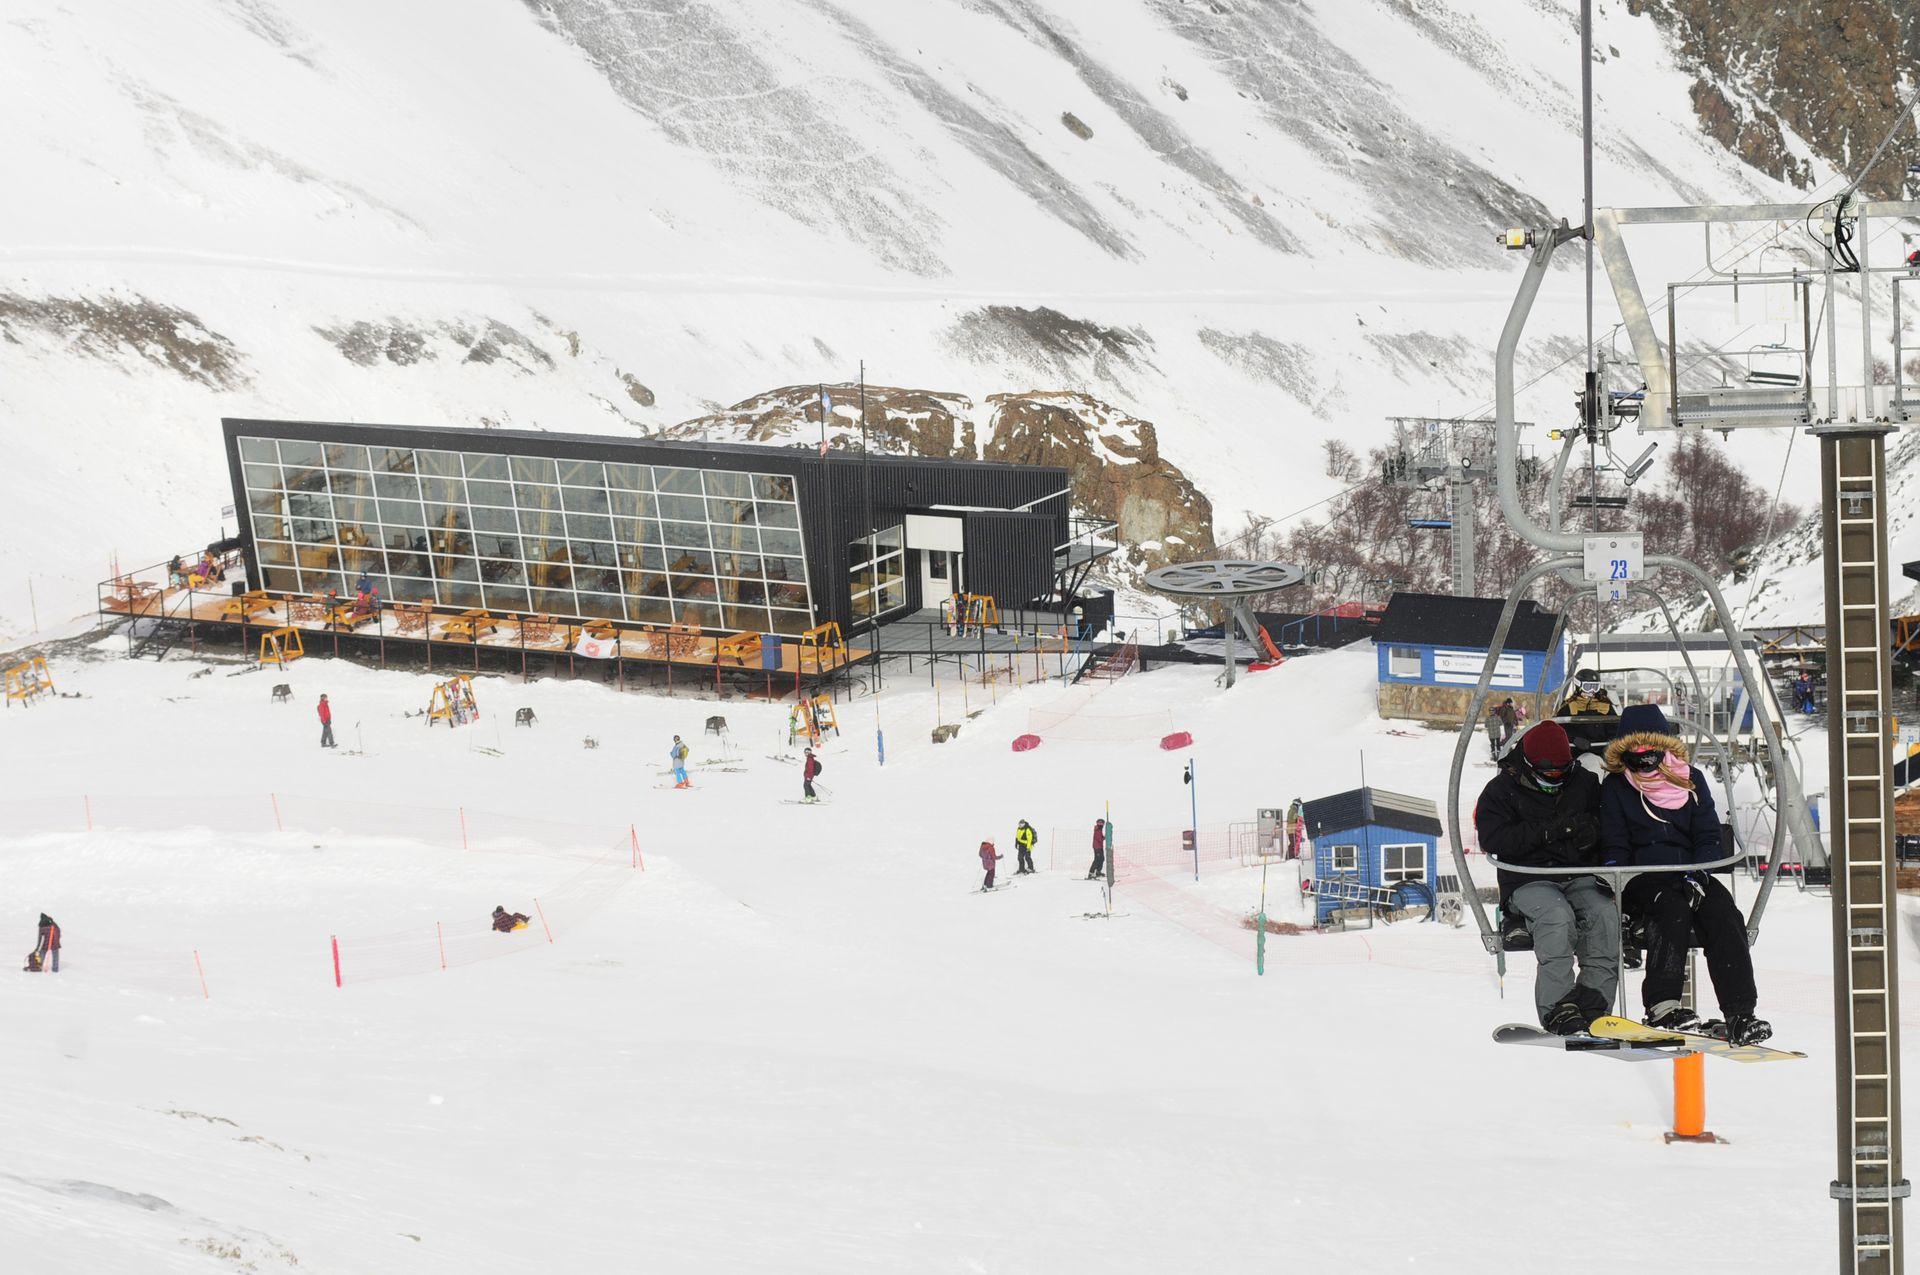 En el Centro de esquí La Hoya, hay pistas para todos los niveles y también pistas de trineos y caminatas con raquetas